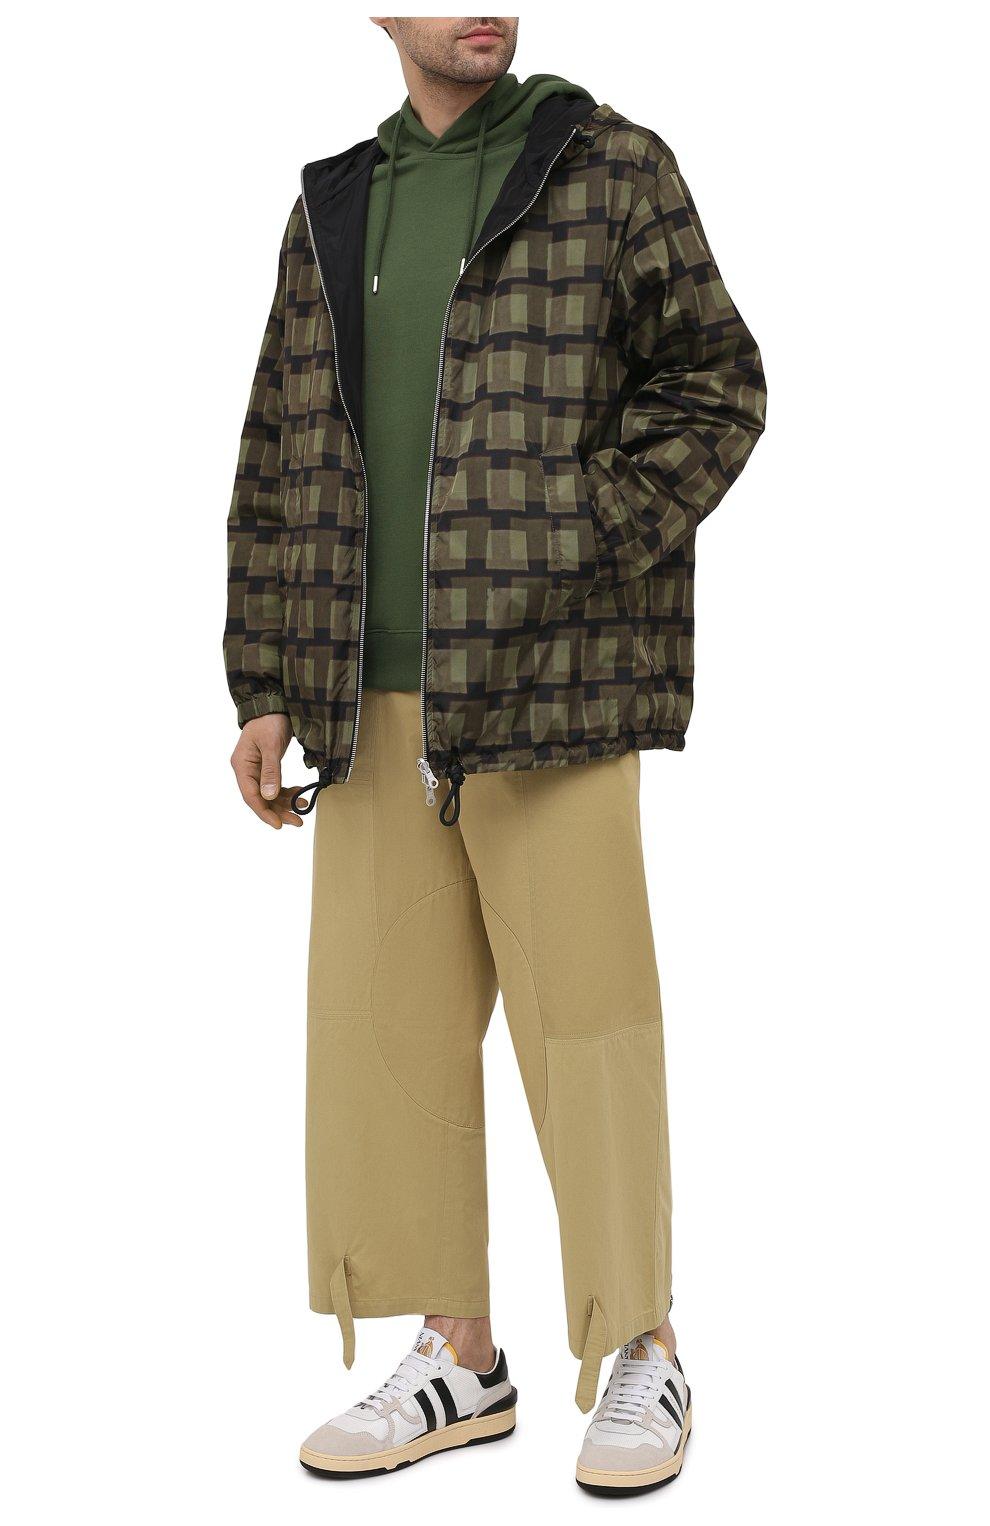 Мужская куртка DRIES VAN NOTEN хаки цвета, арт. 211-20509-2133   Фото 2 (Кросс-КТ: Куртка, Ветровка; Рукава: Длинные; Длина (верхняя одежда): До середины бедра; Материал внешний: Синтетический материал; Стили: Гранж; Принт: С принтом; Материал подклада: Синтетический материал)